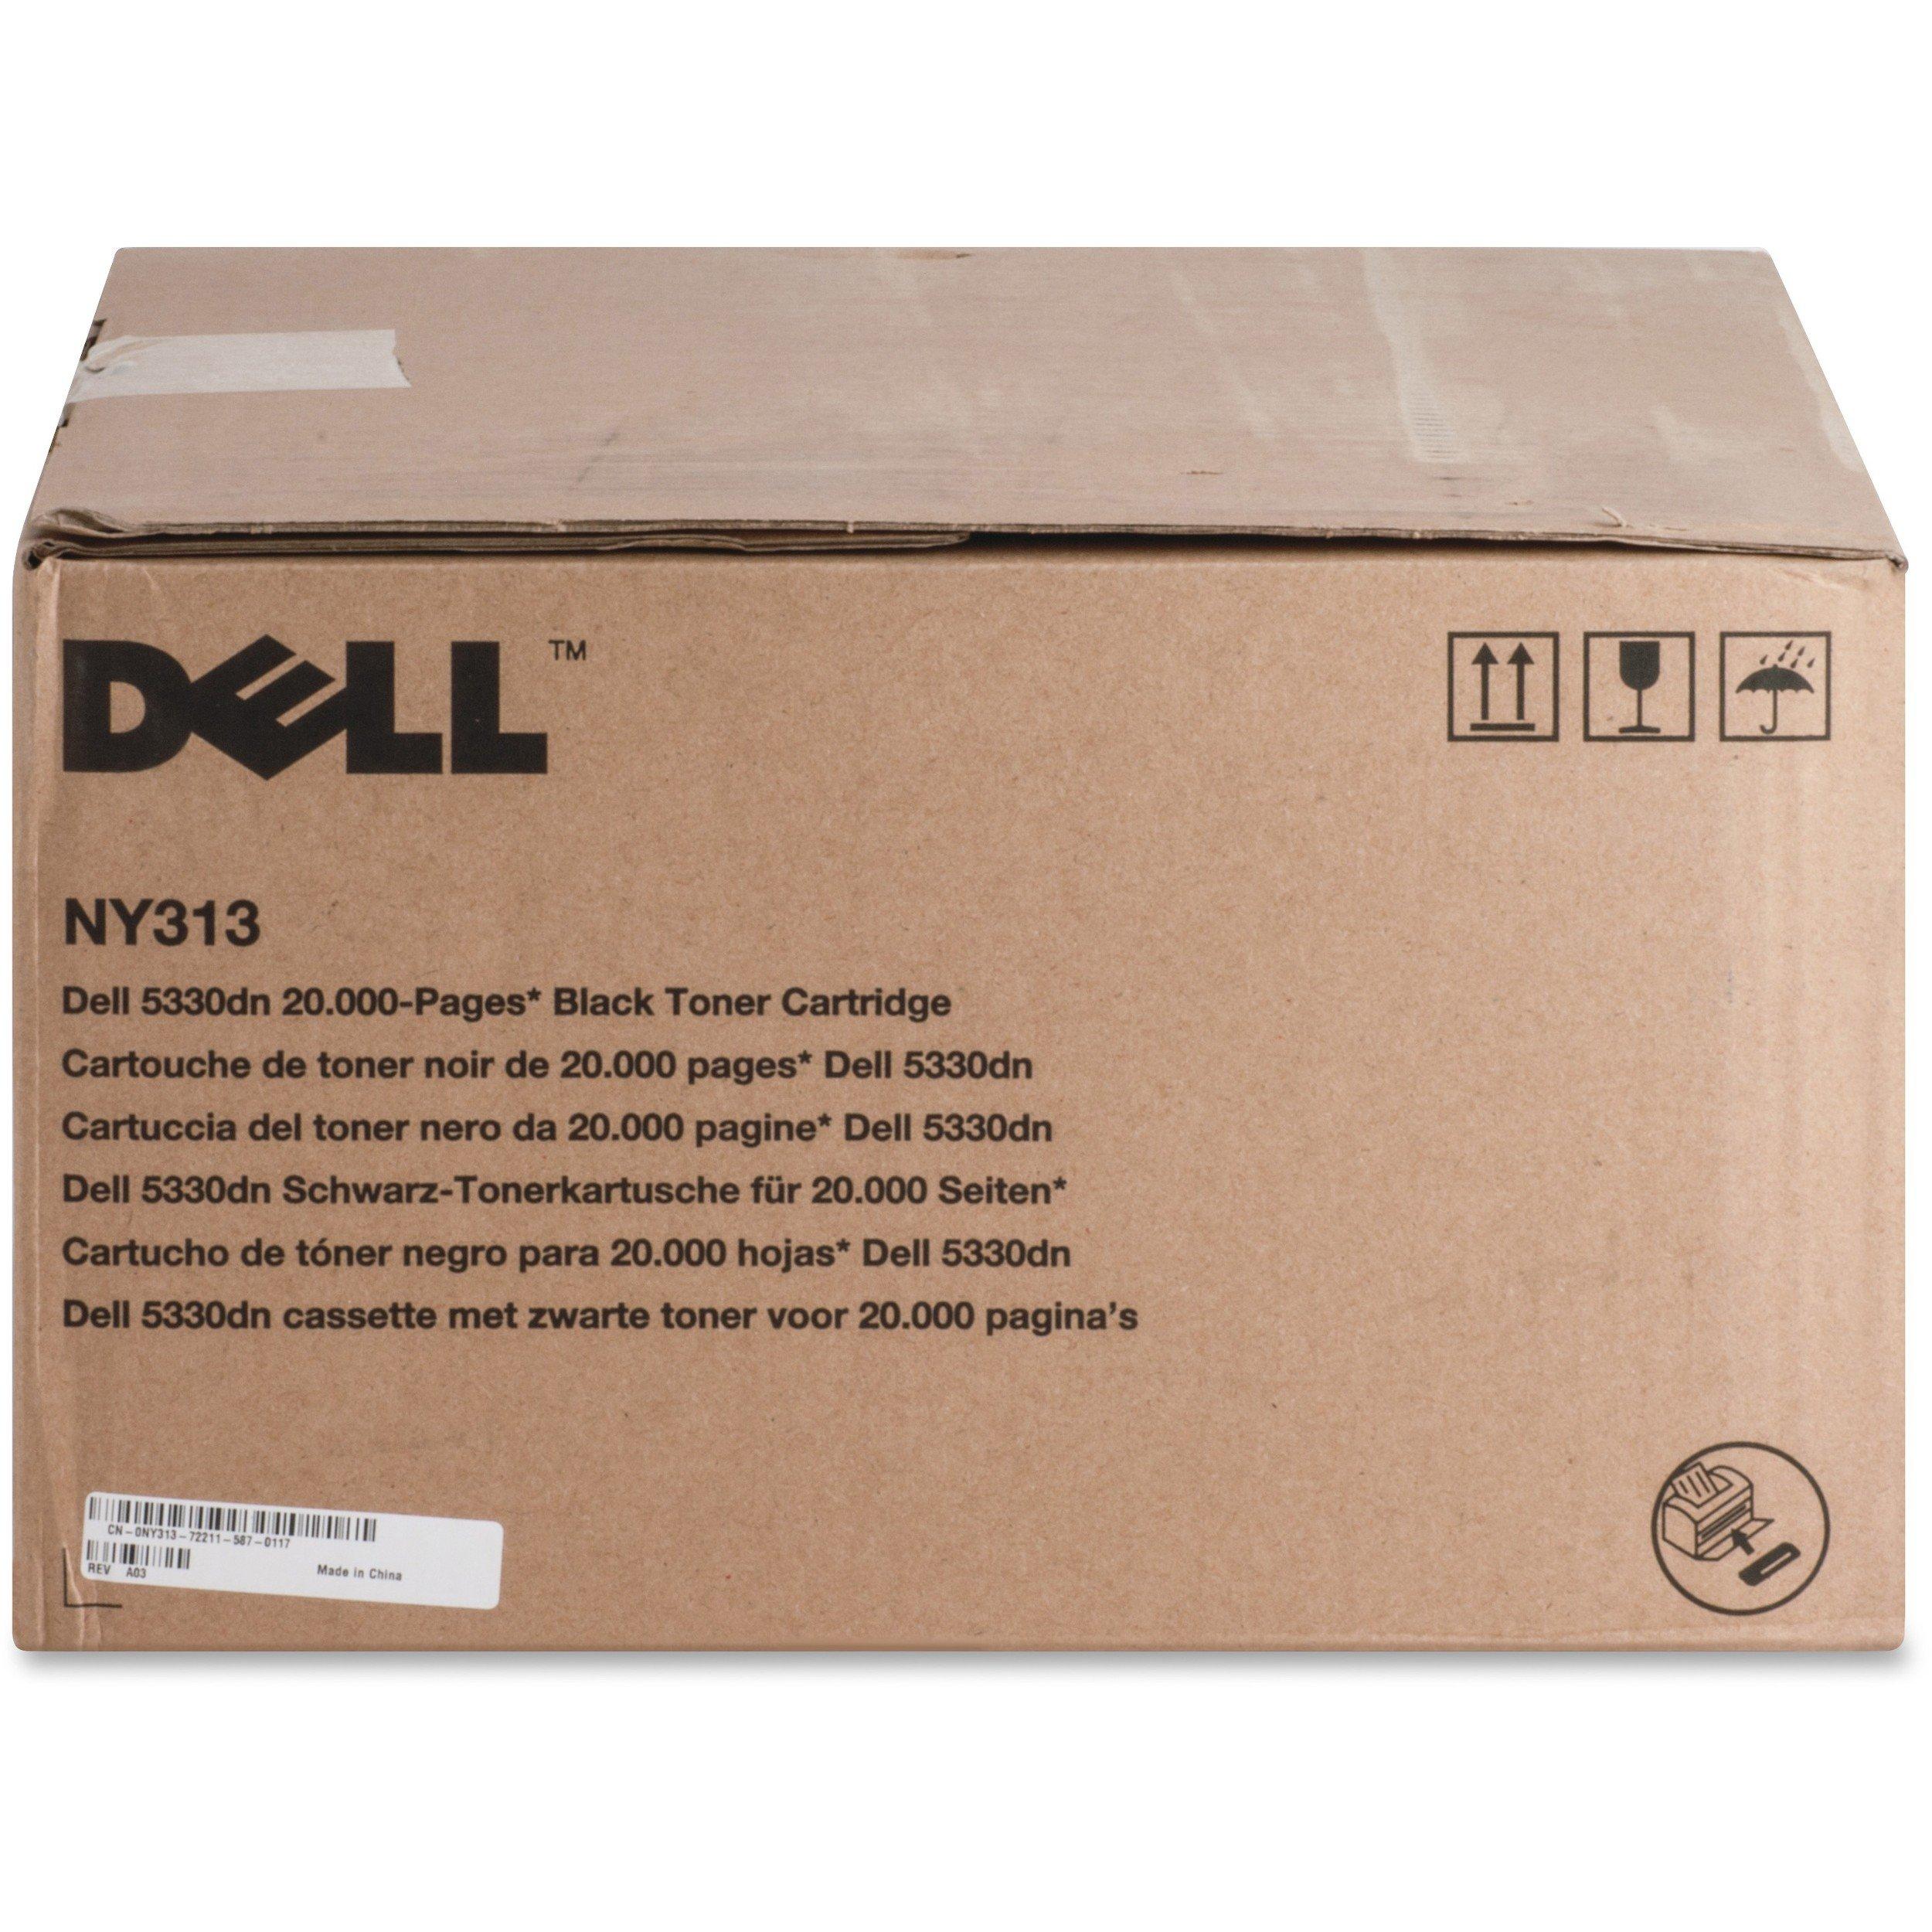 Toner Original DELL NY313 Black 5330dn Laser